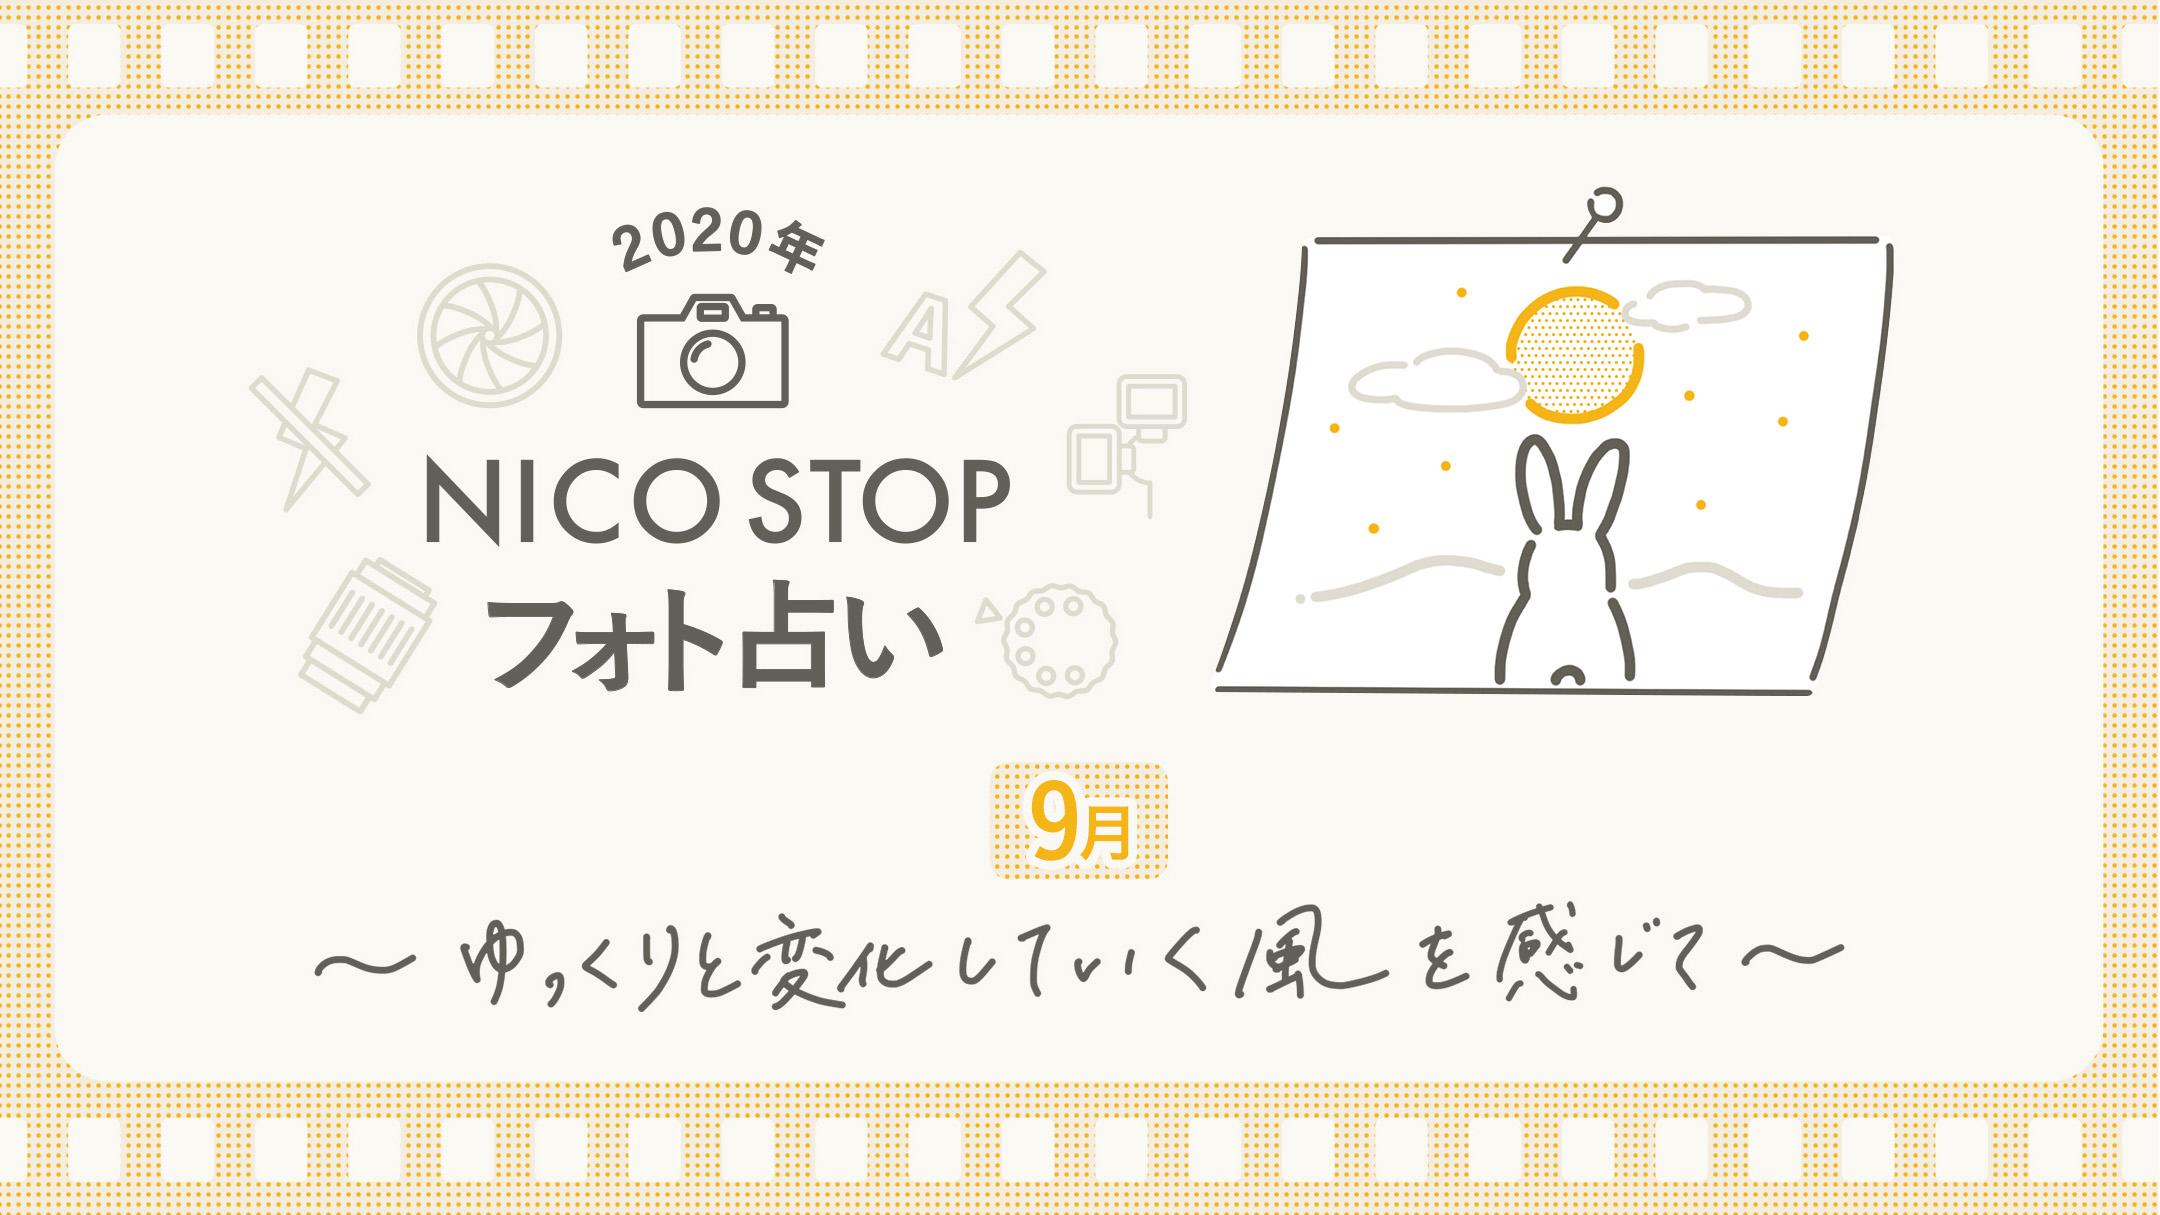 9月のNICO STOPフォト占い